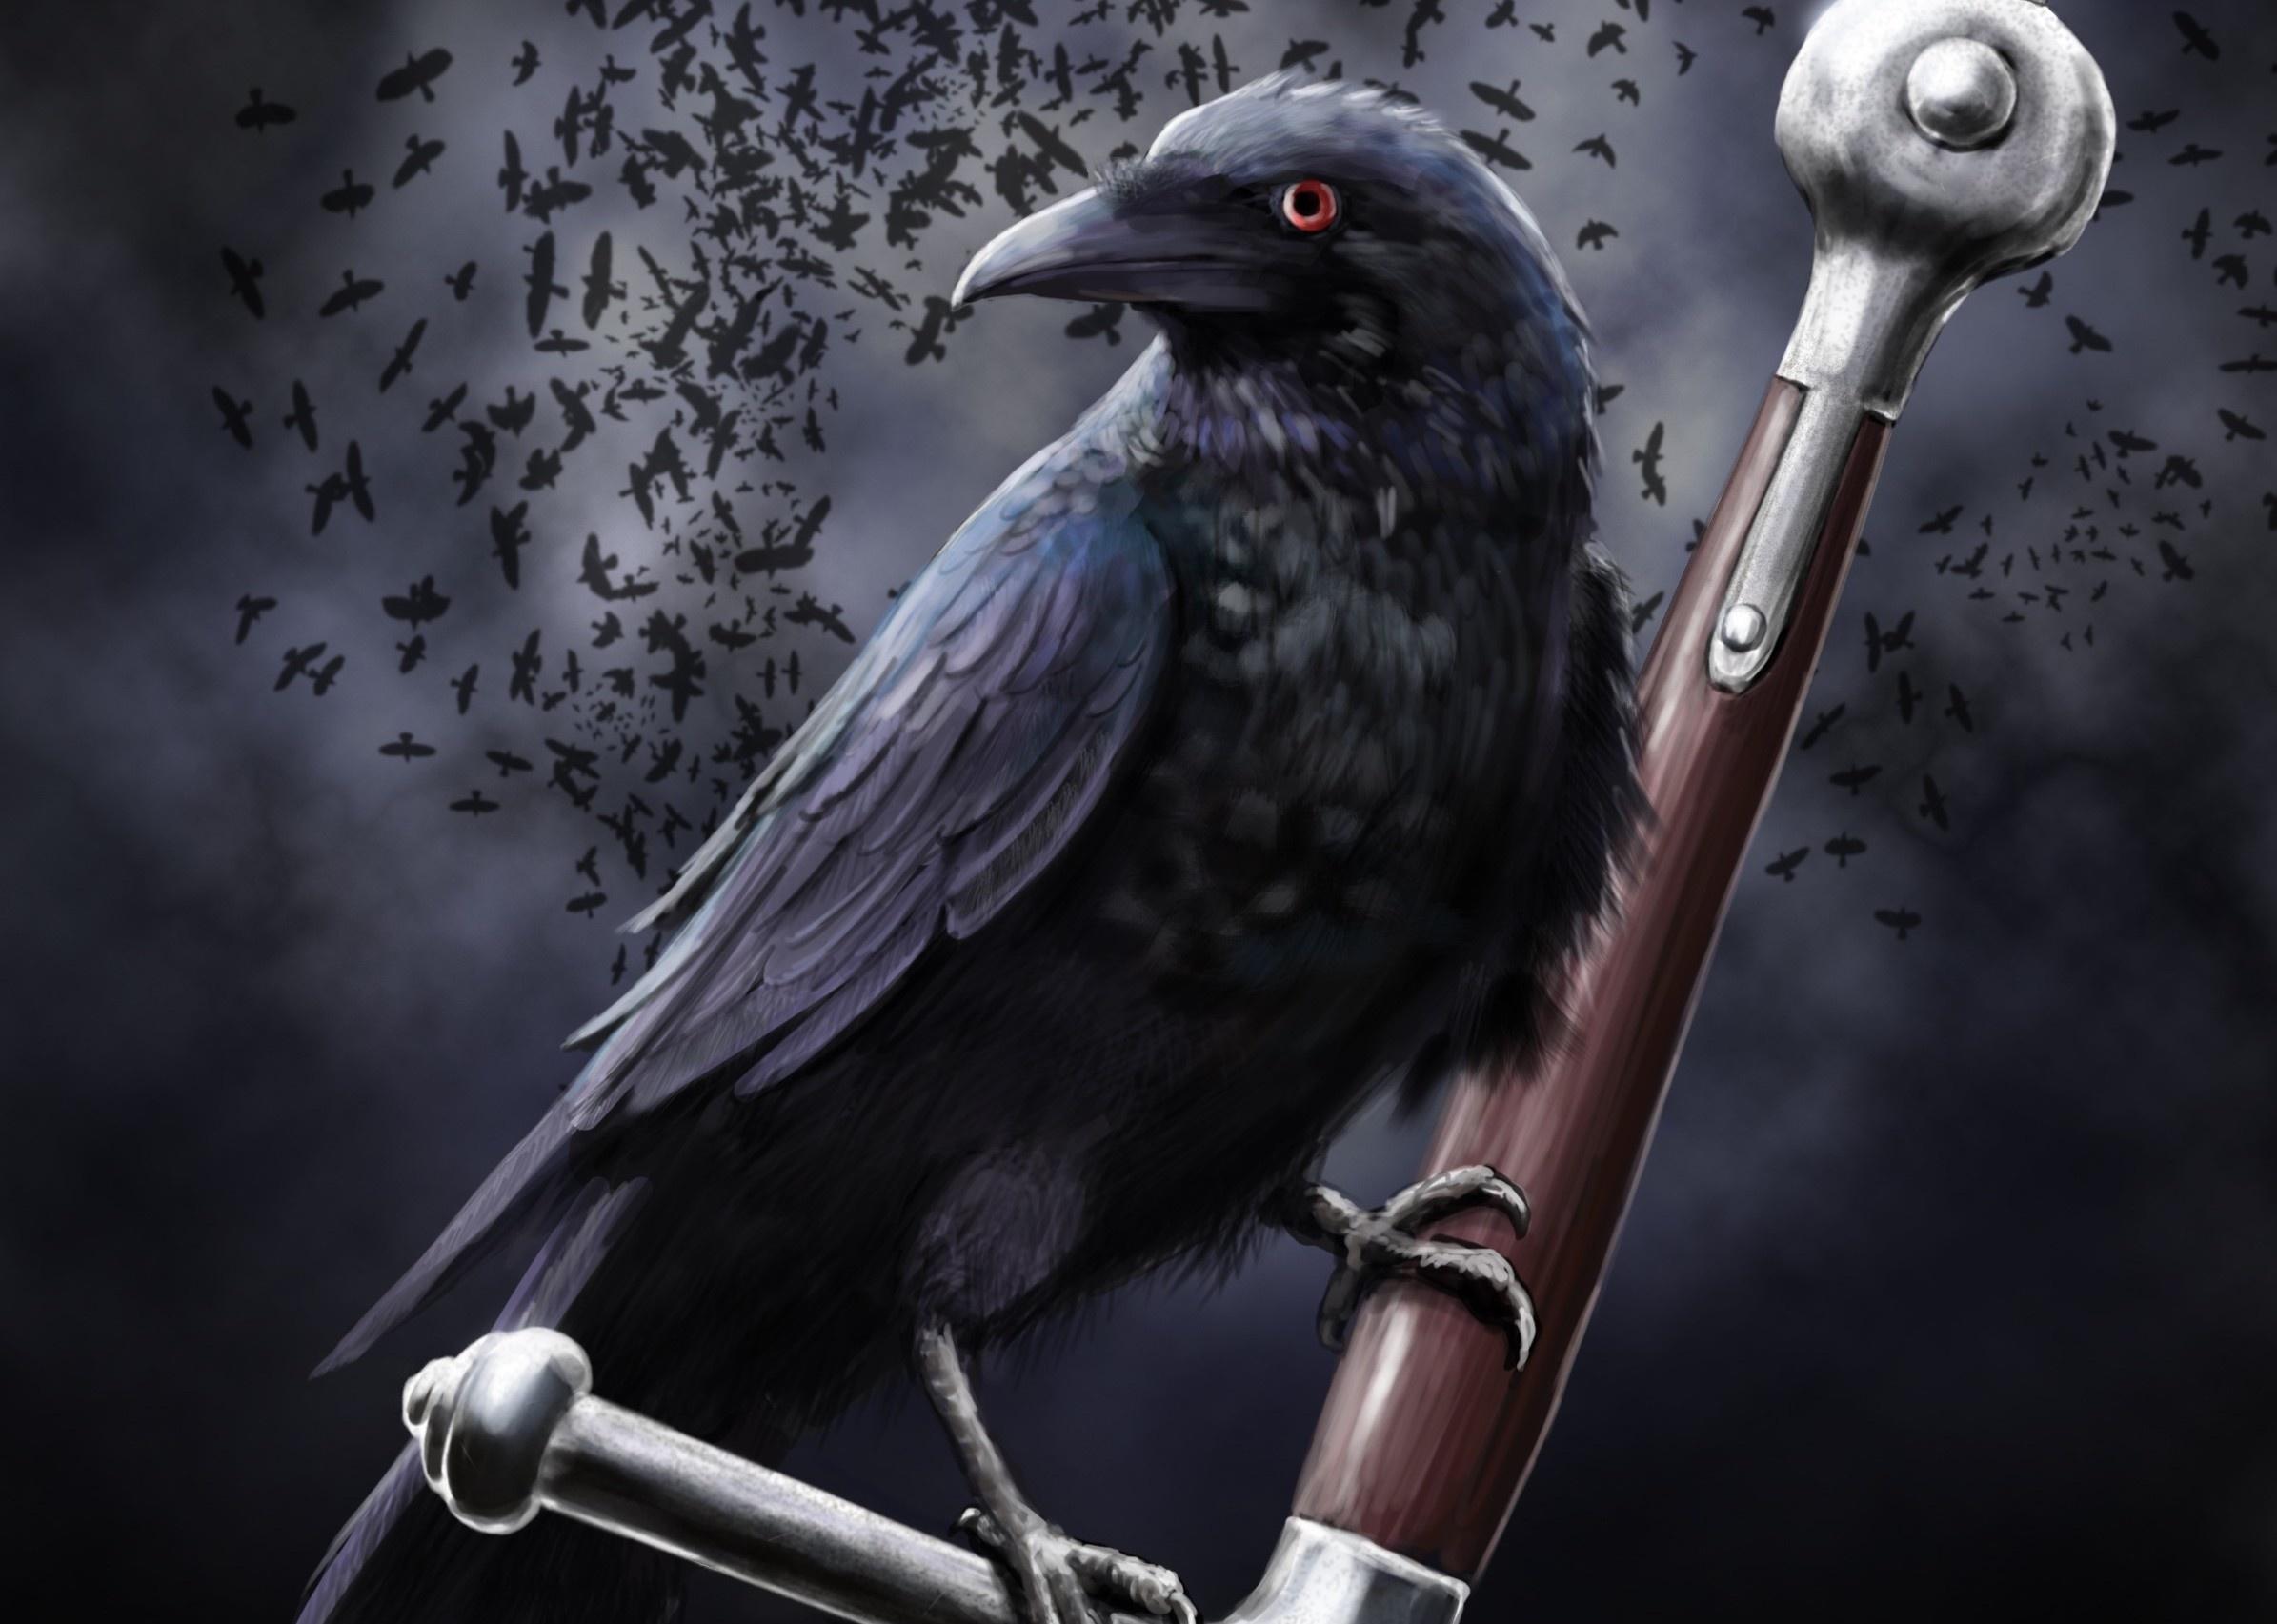 Art Leather Raven Crow Clouds Sword Death Dark Swords